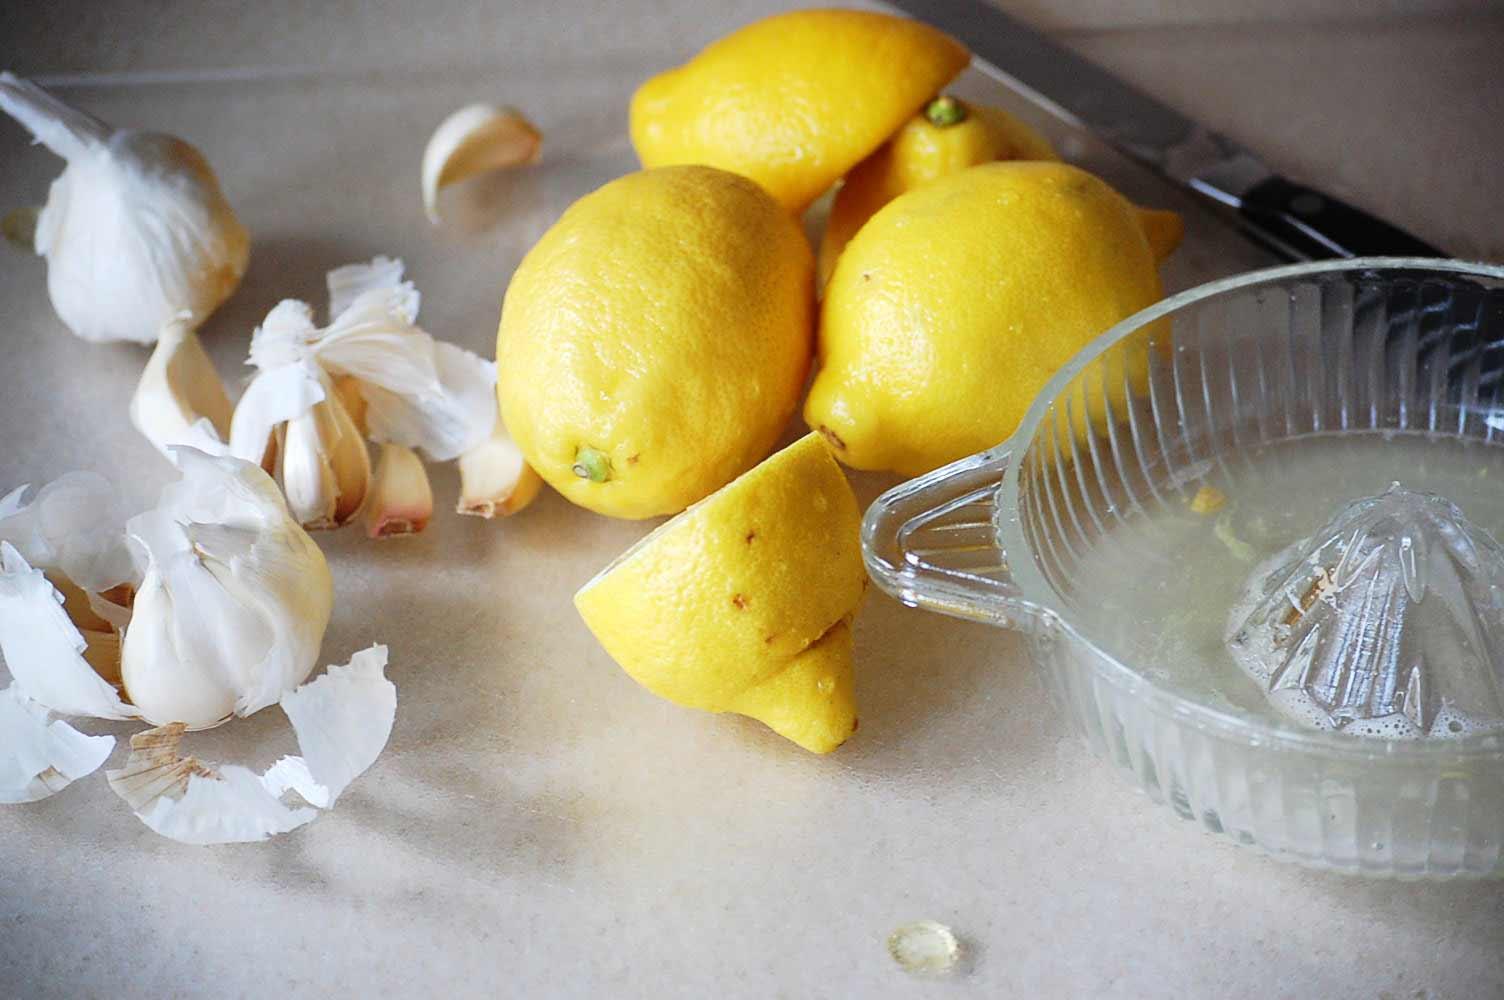 Lemon Garlic Tonic